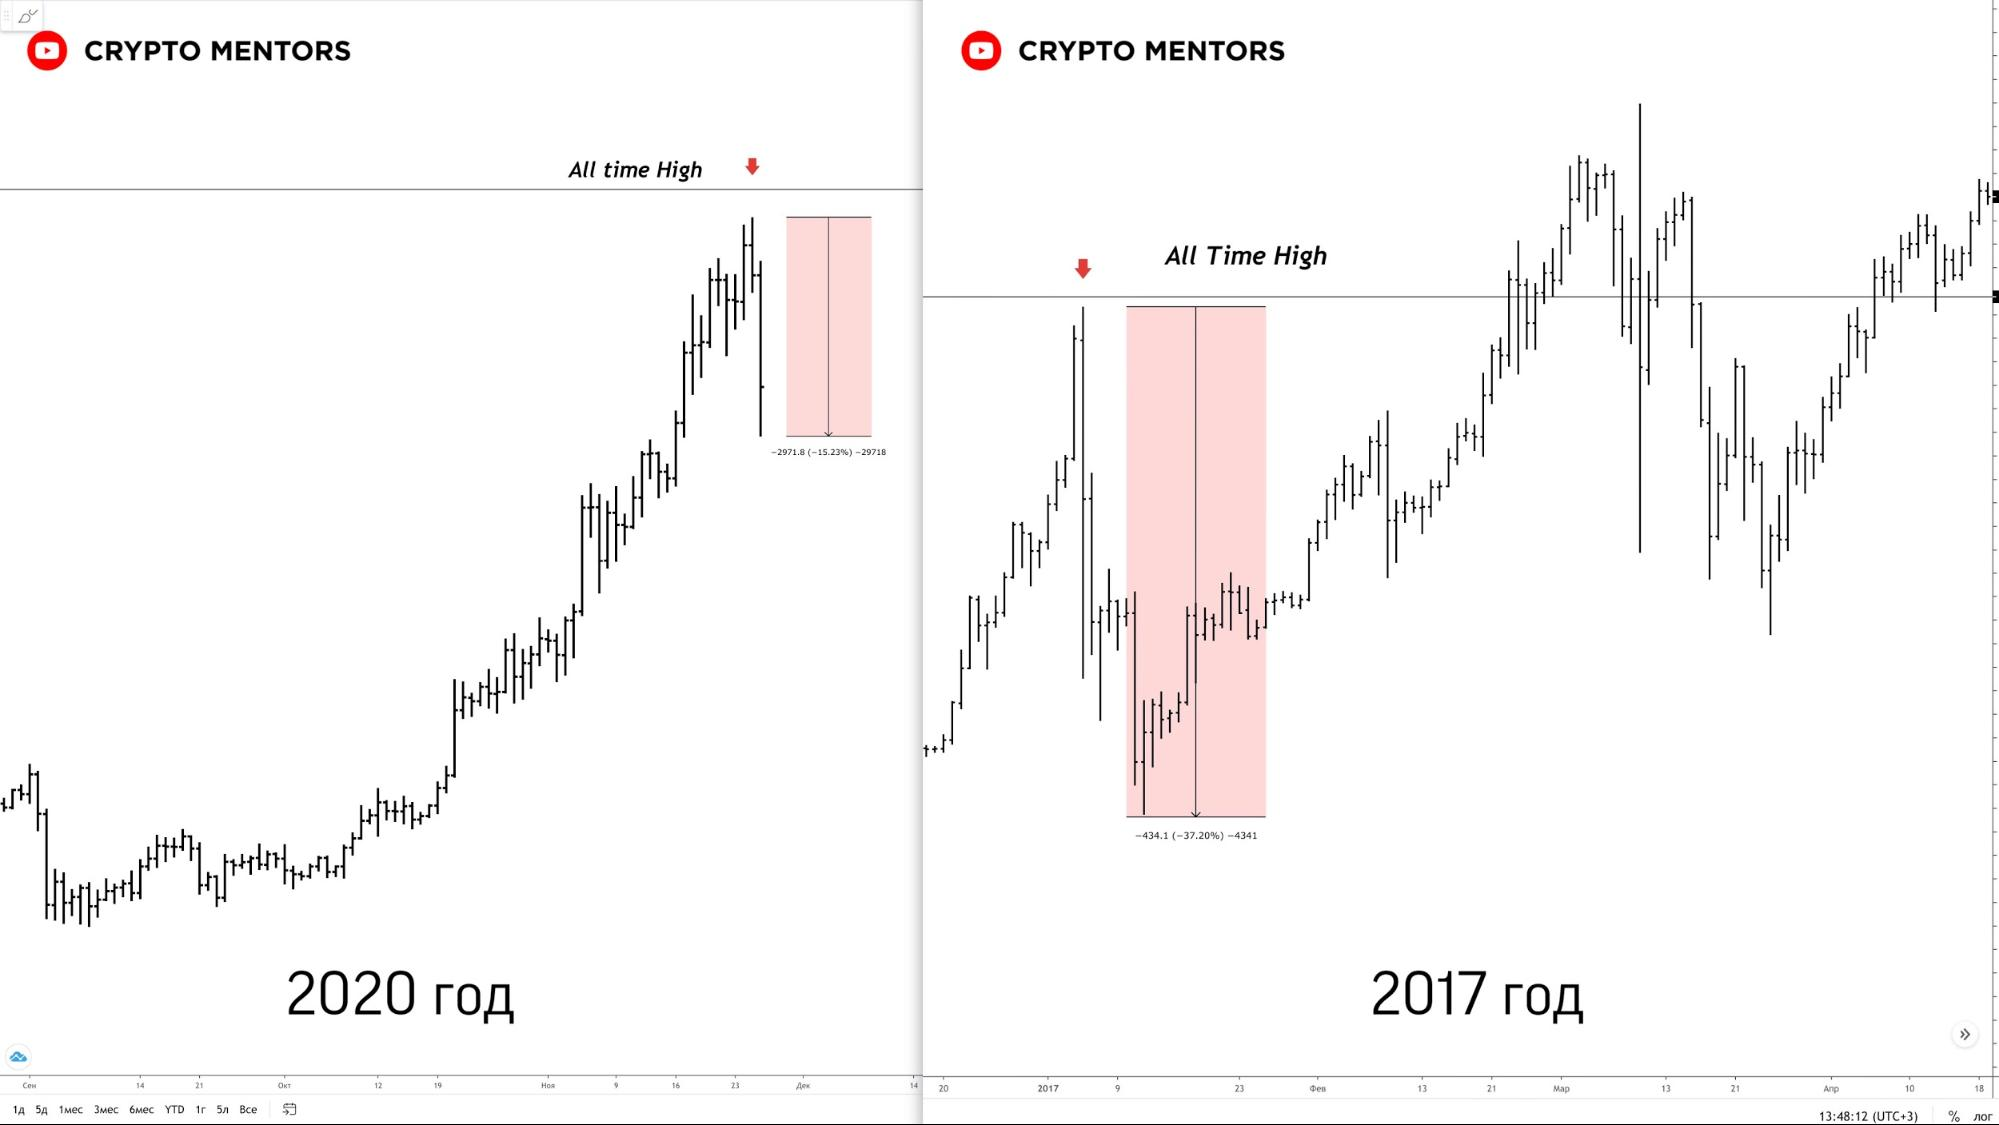 Трейдер оценил вероятные движения цены биткоина после коррекции